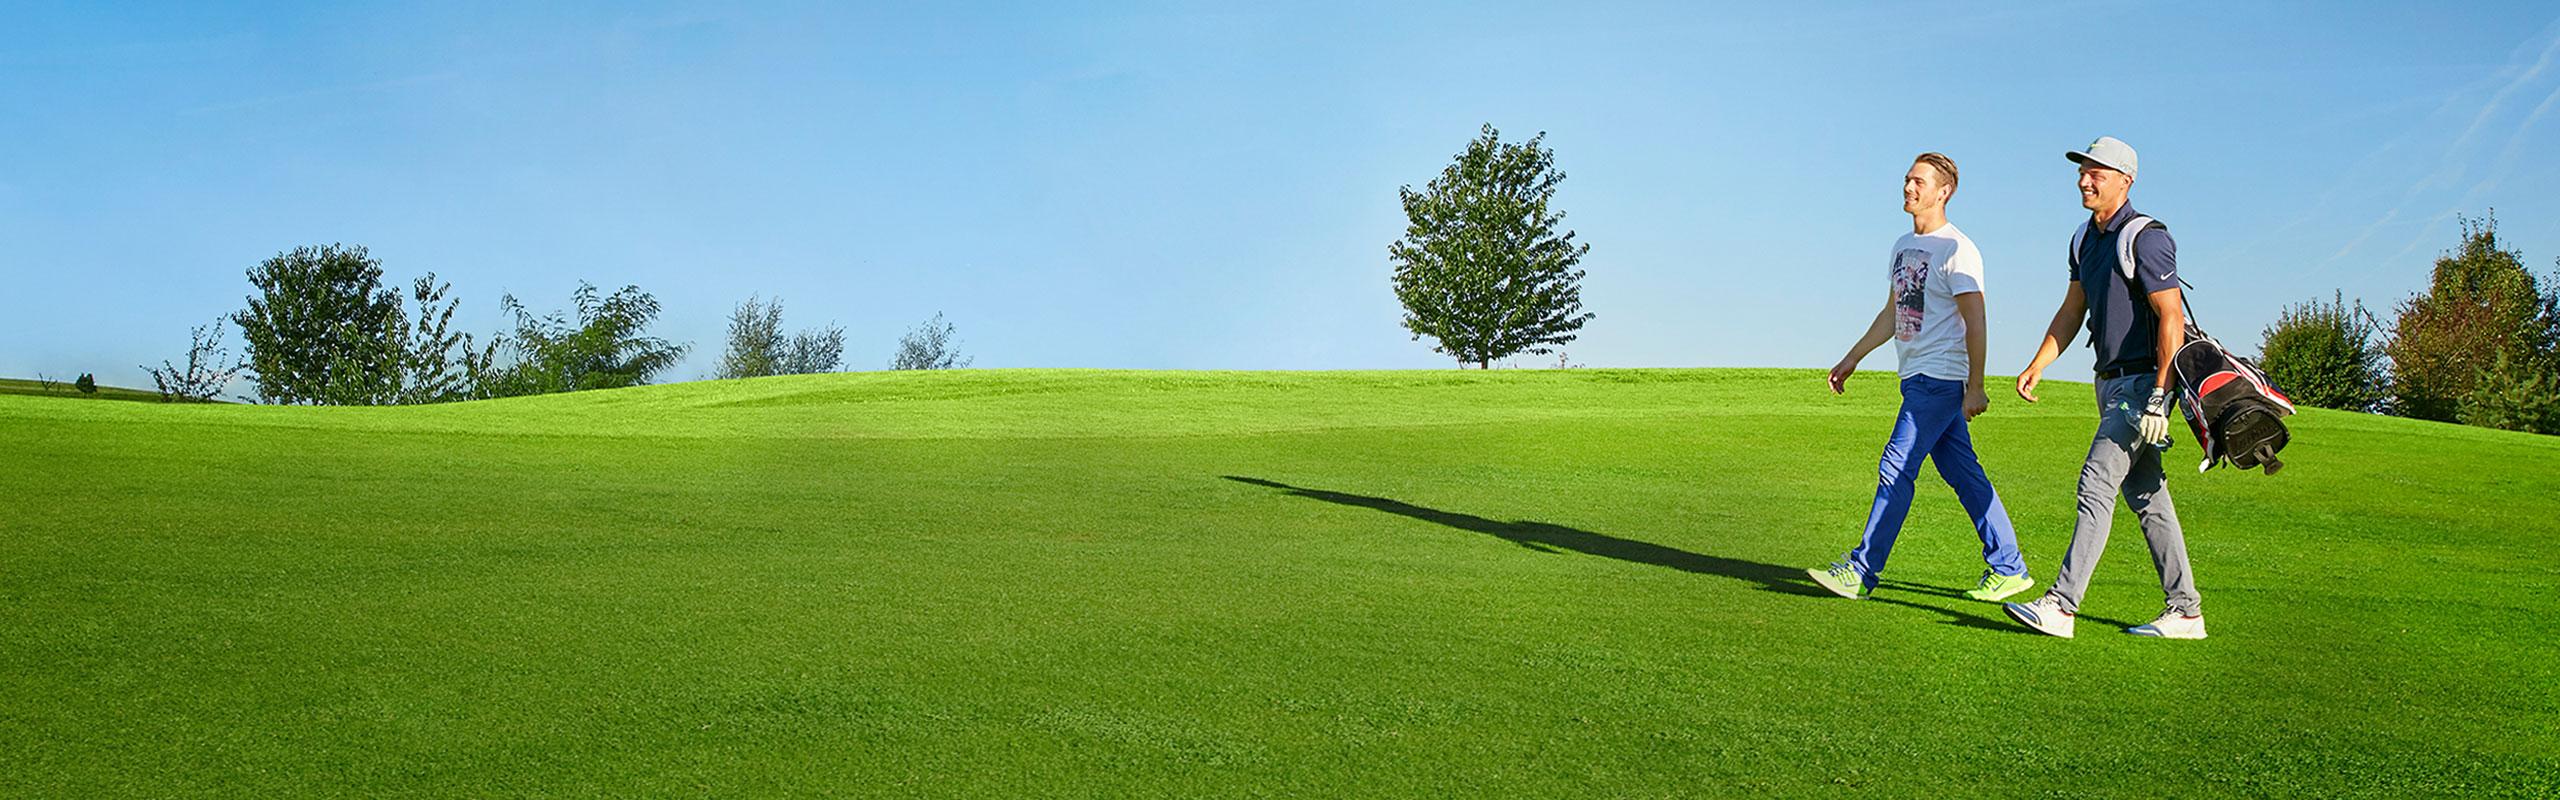 Golfclub-Donau-Gemeinsam-Golfen_2019_1